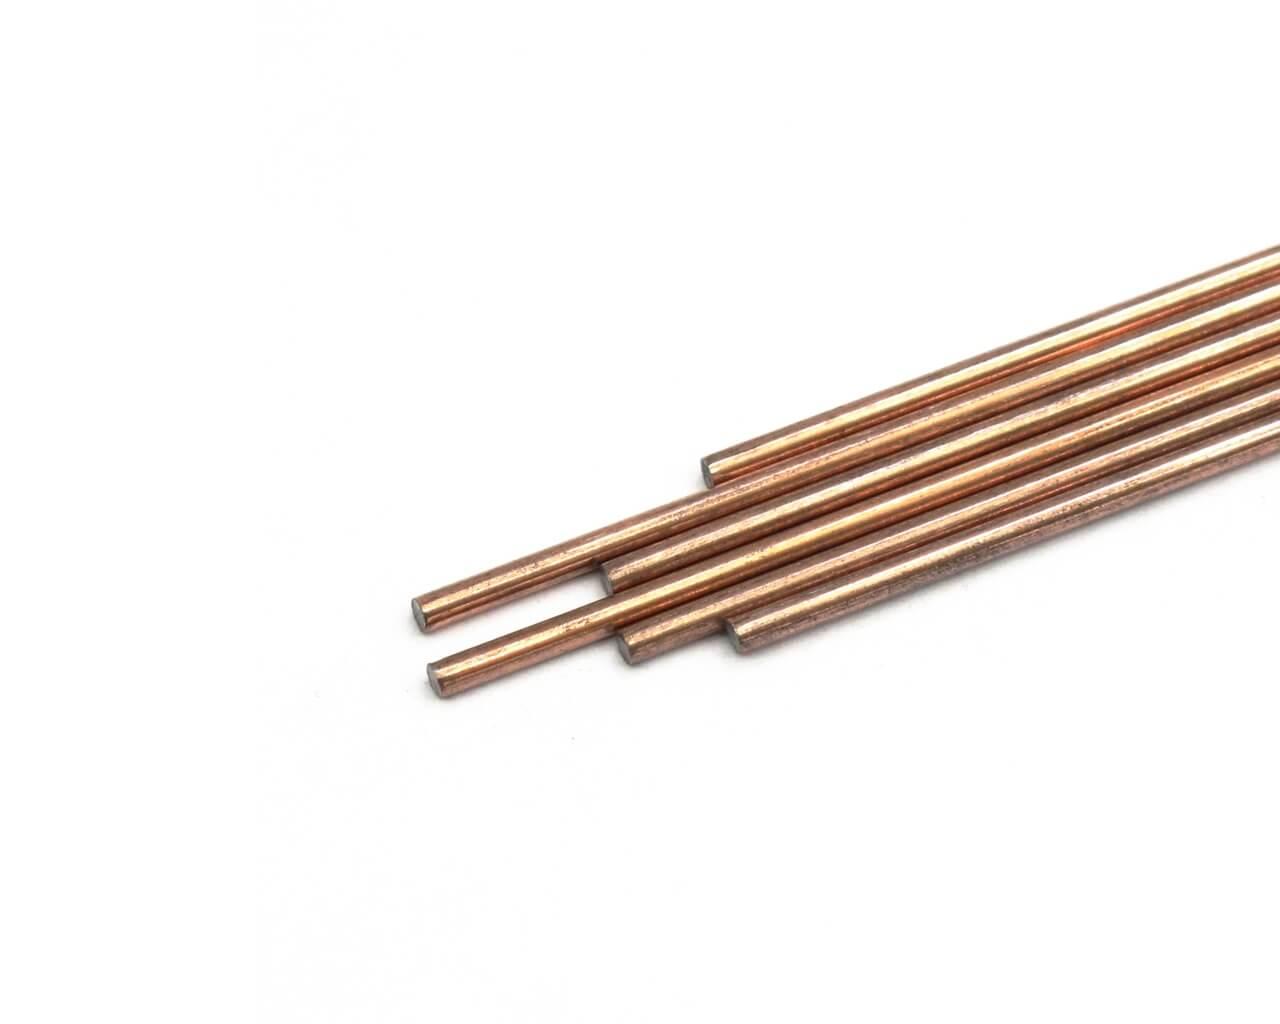 WIG-Schweißstäbe 1.5125 SG 2 2.0x1000mm / 2.5kg-Pack